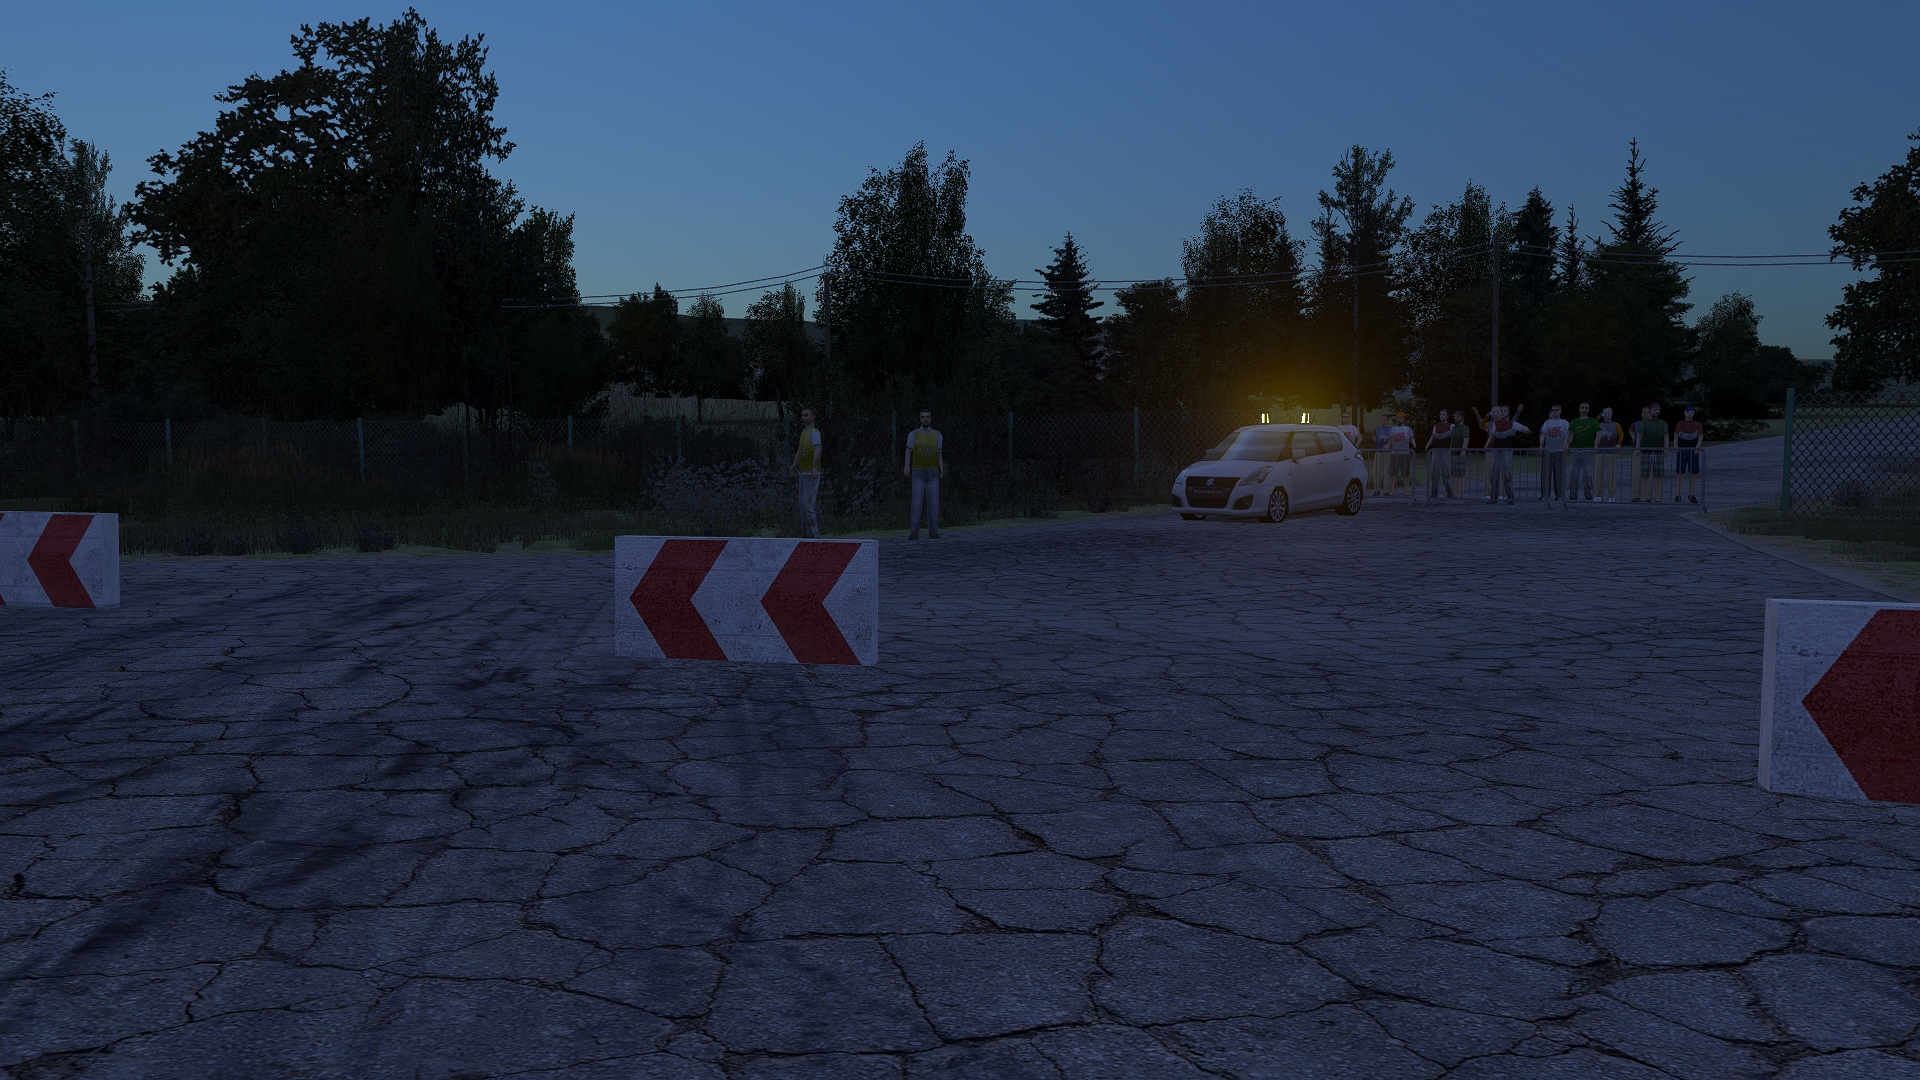 Screenshot_zizh_gaz2410_406_kicevo_3-2-121-16-20-5.jpg